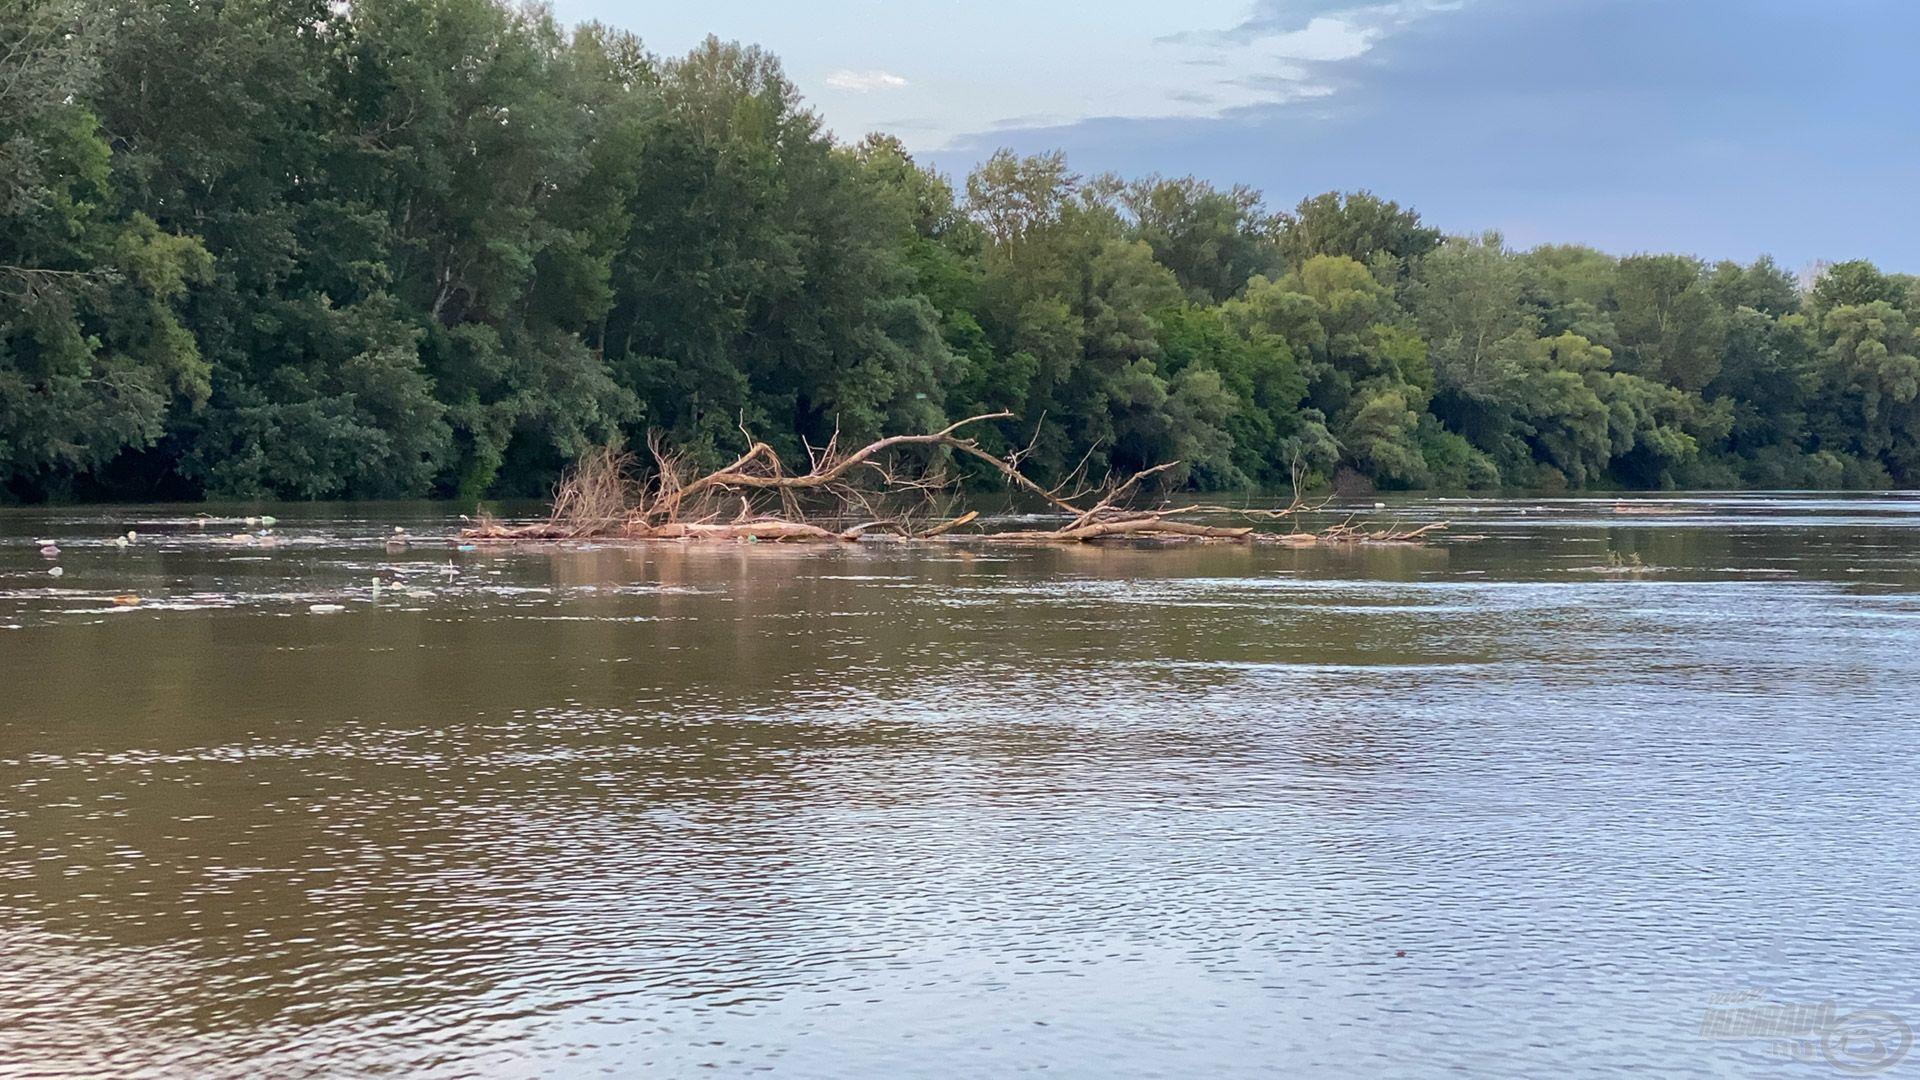 Az áradások eleje mindig sok-sok szeméttel és a víz lehűlésével jön